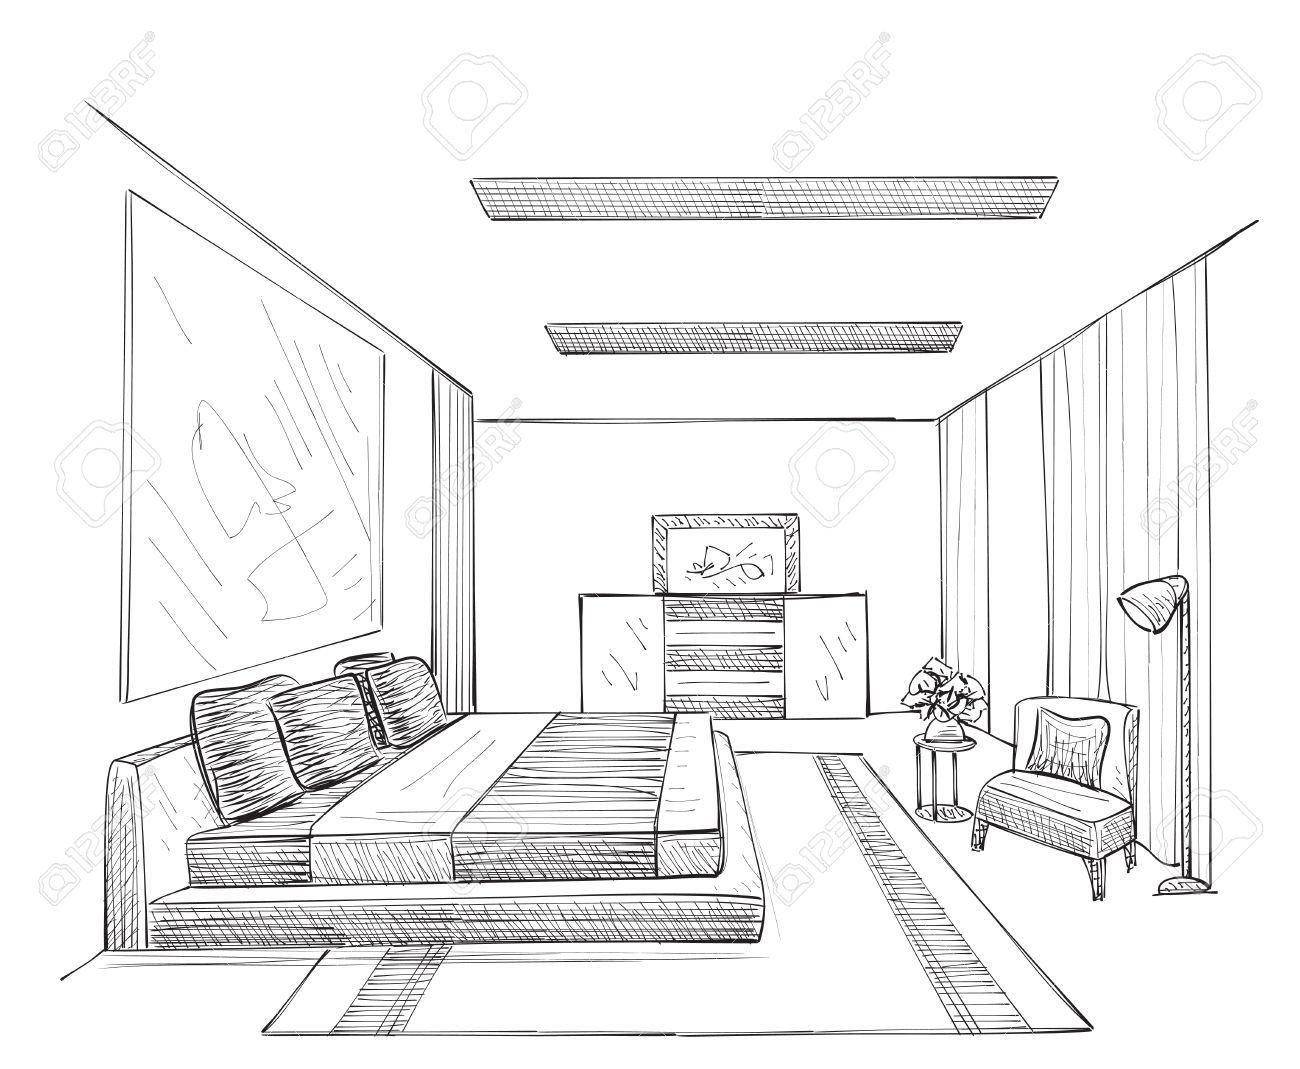 Chambre moderne dessin vectoriel intérieur isolé sur fond blanc